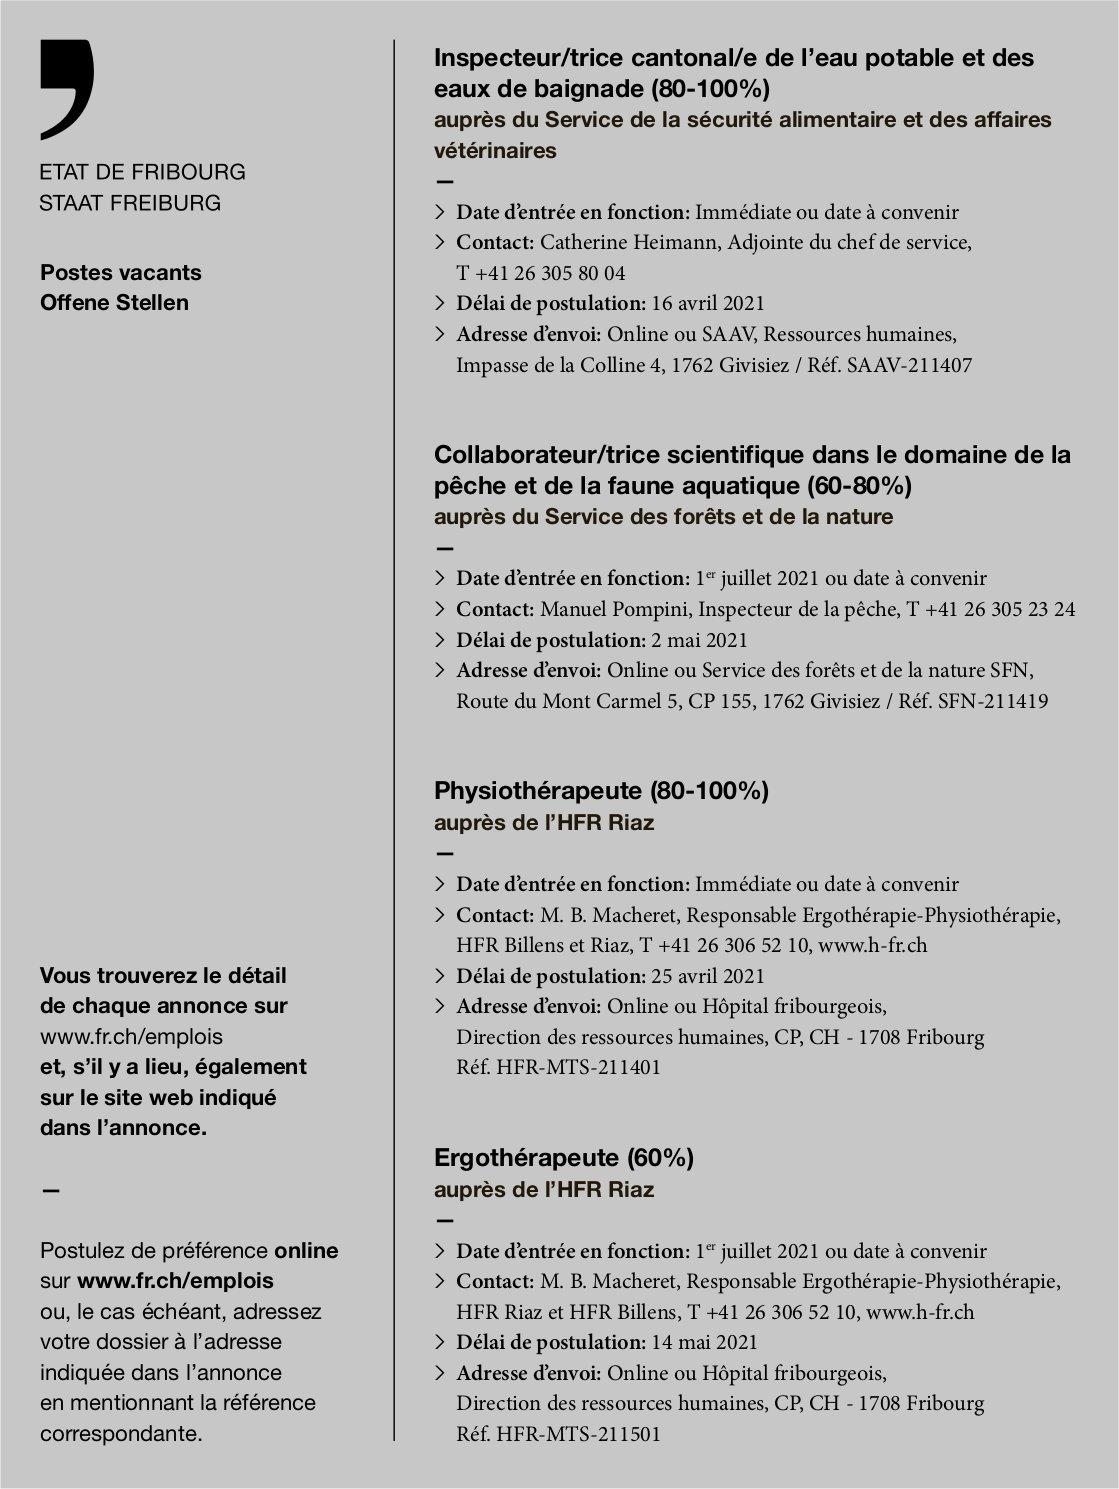 Inspecteur/trice cantonale-Physiothérapeute (80-100%) Ergothérapeute (60%), Etat de Fribourg, recherché